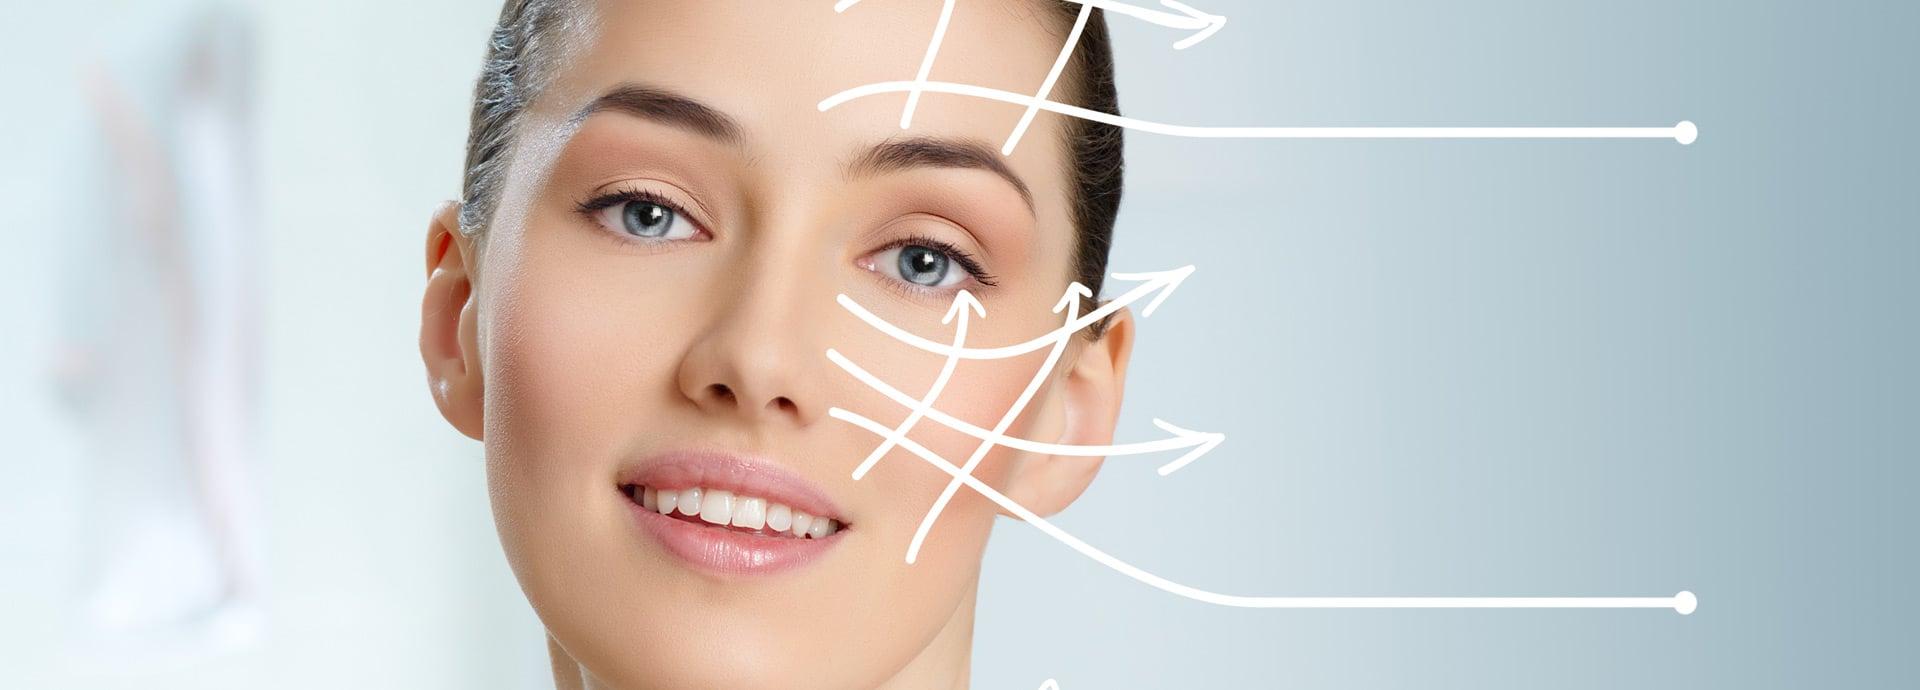 Подтяжка лица методом контурной пластики